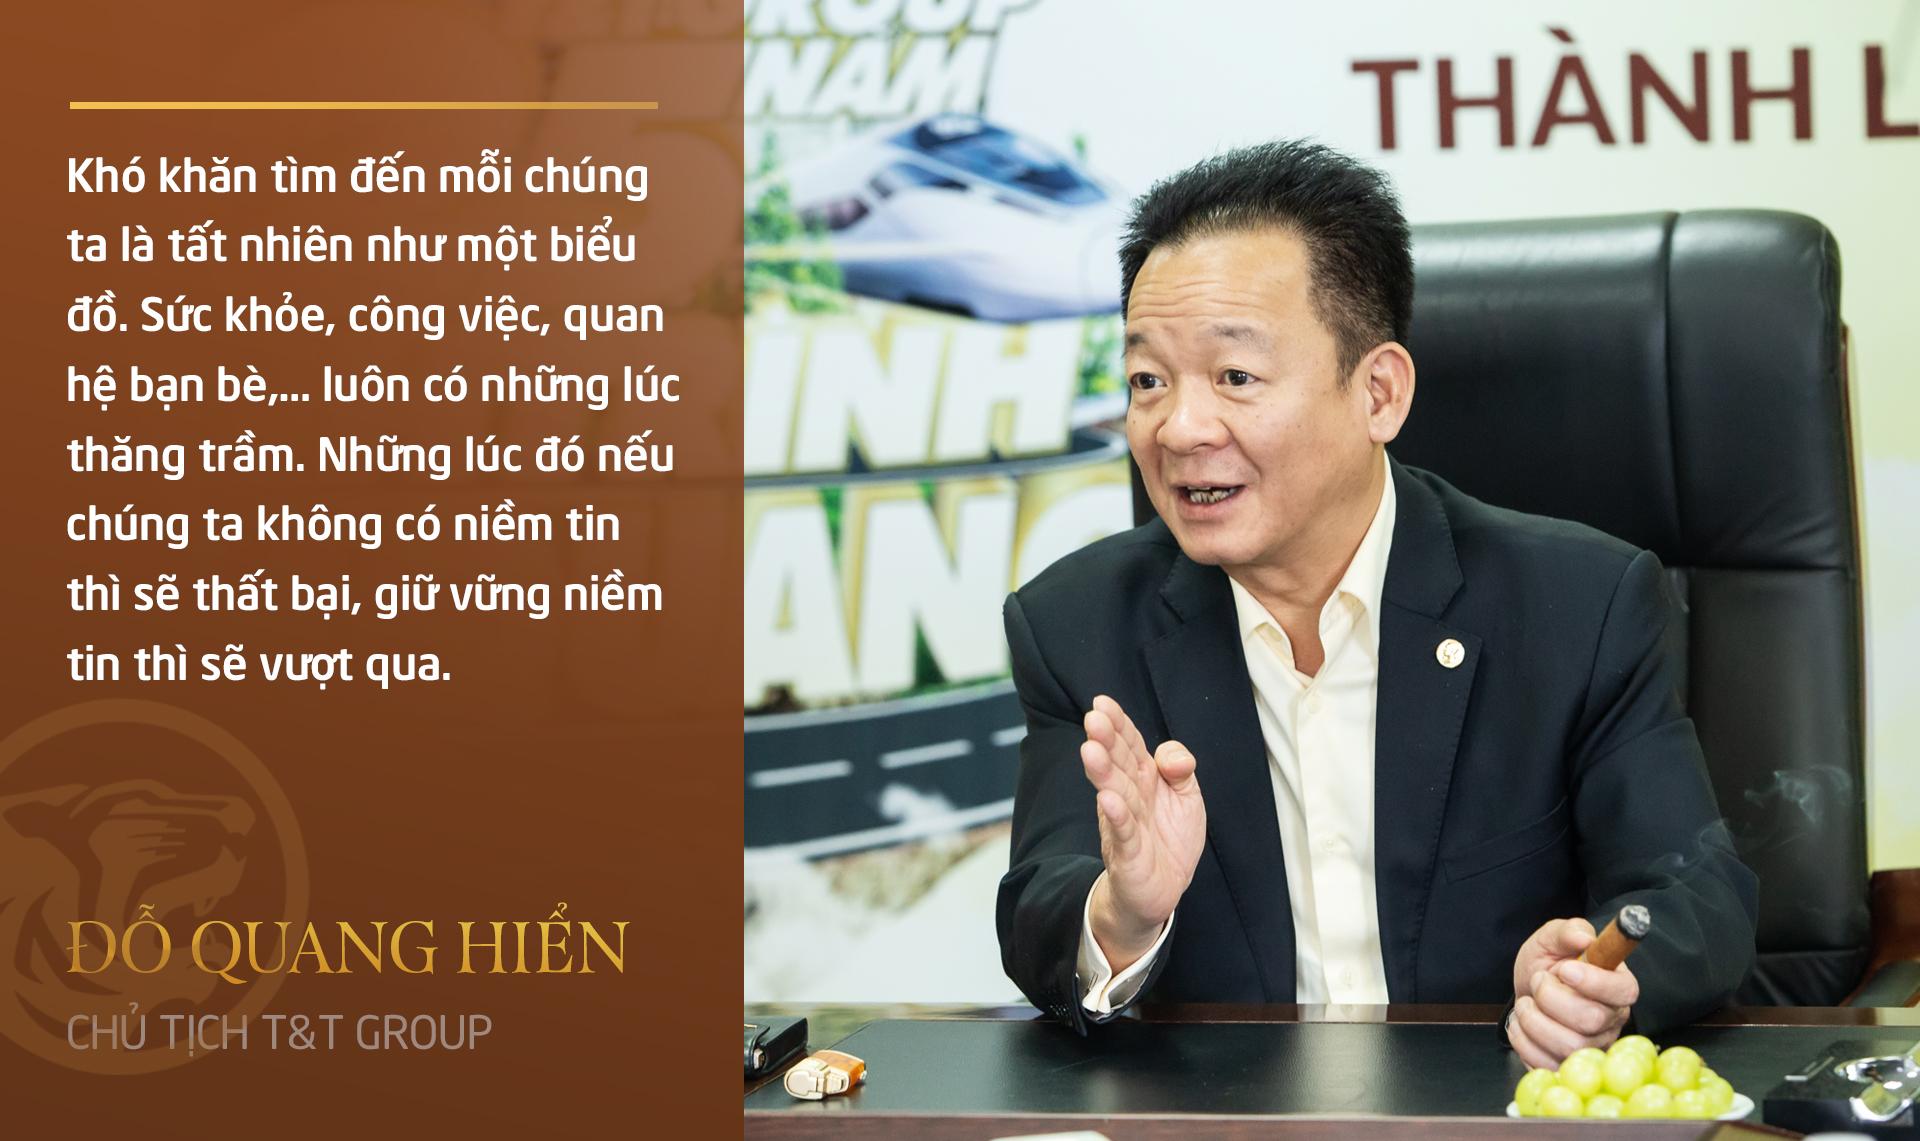 Chuyện 'xem giò' Đoàn Văn Hậu và triết lý kinh doanh dựa trên cái tâm của chủ tịch T&T Group Đỗ Quang Hiển 7